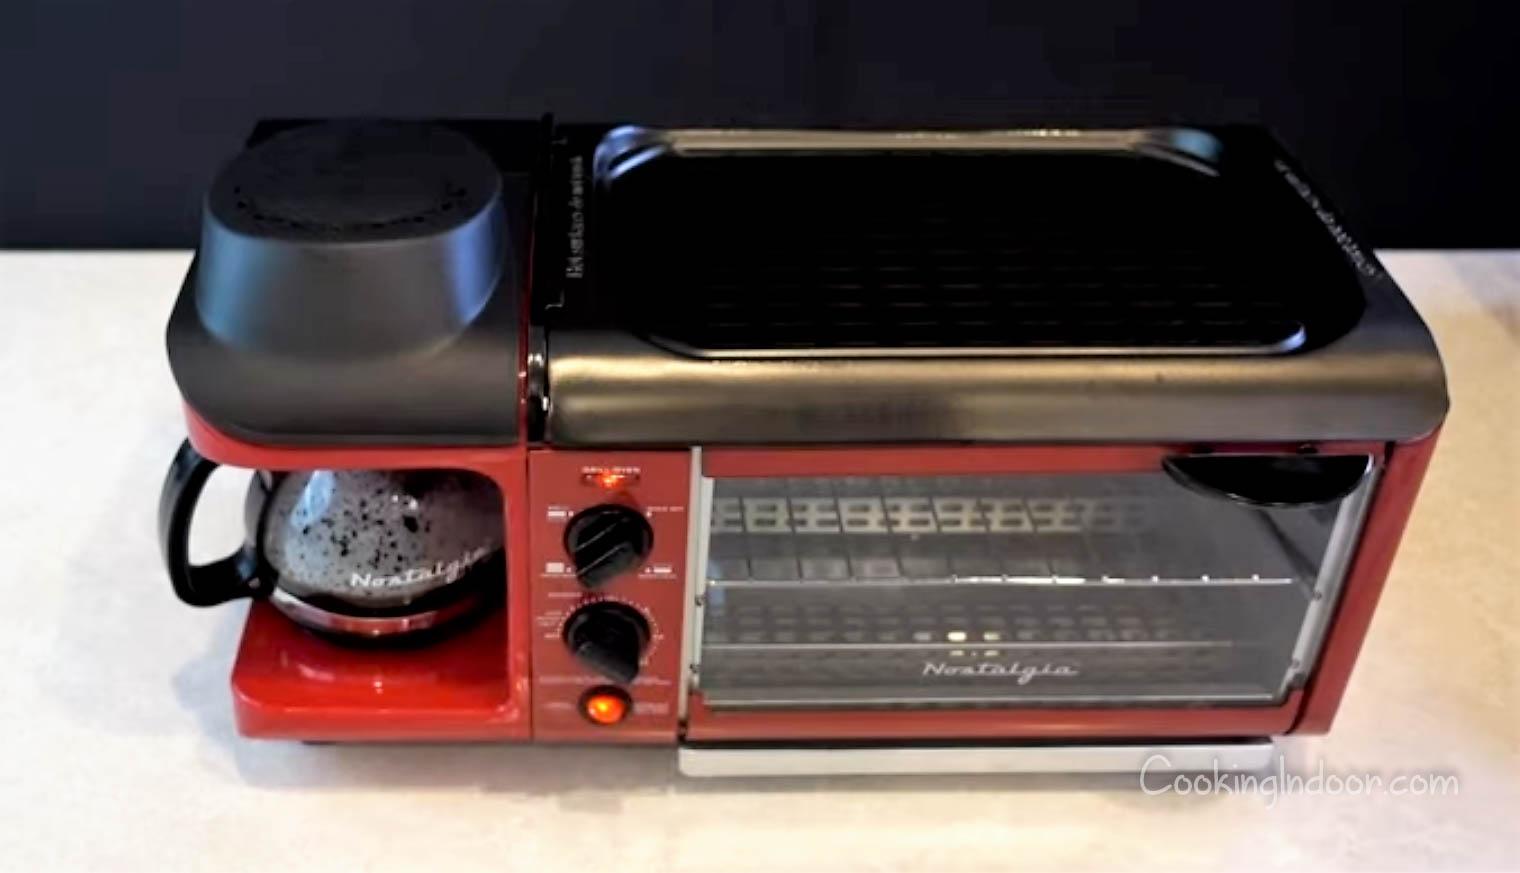 Best Nostalgia toaster oven